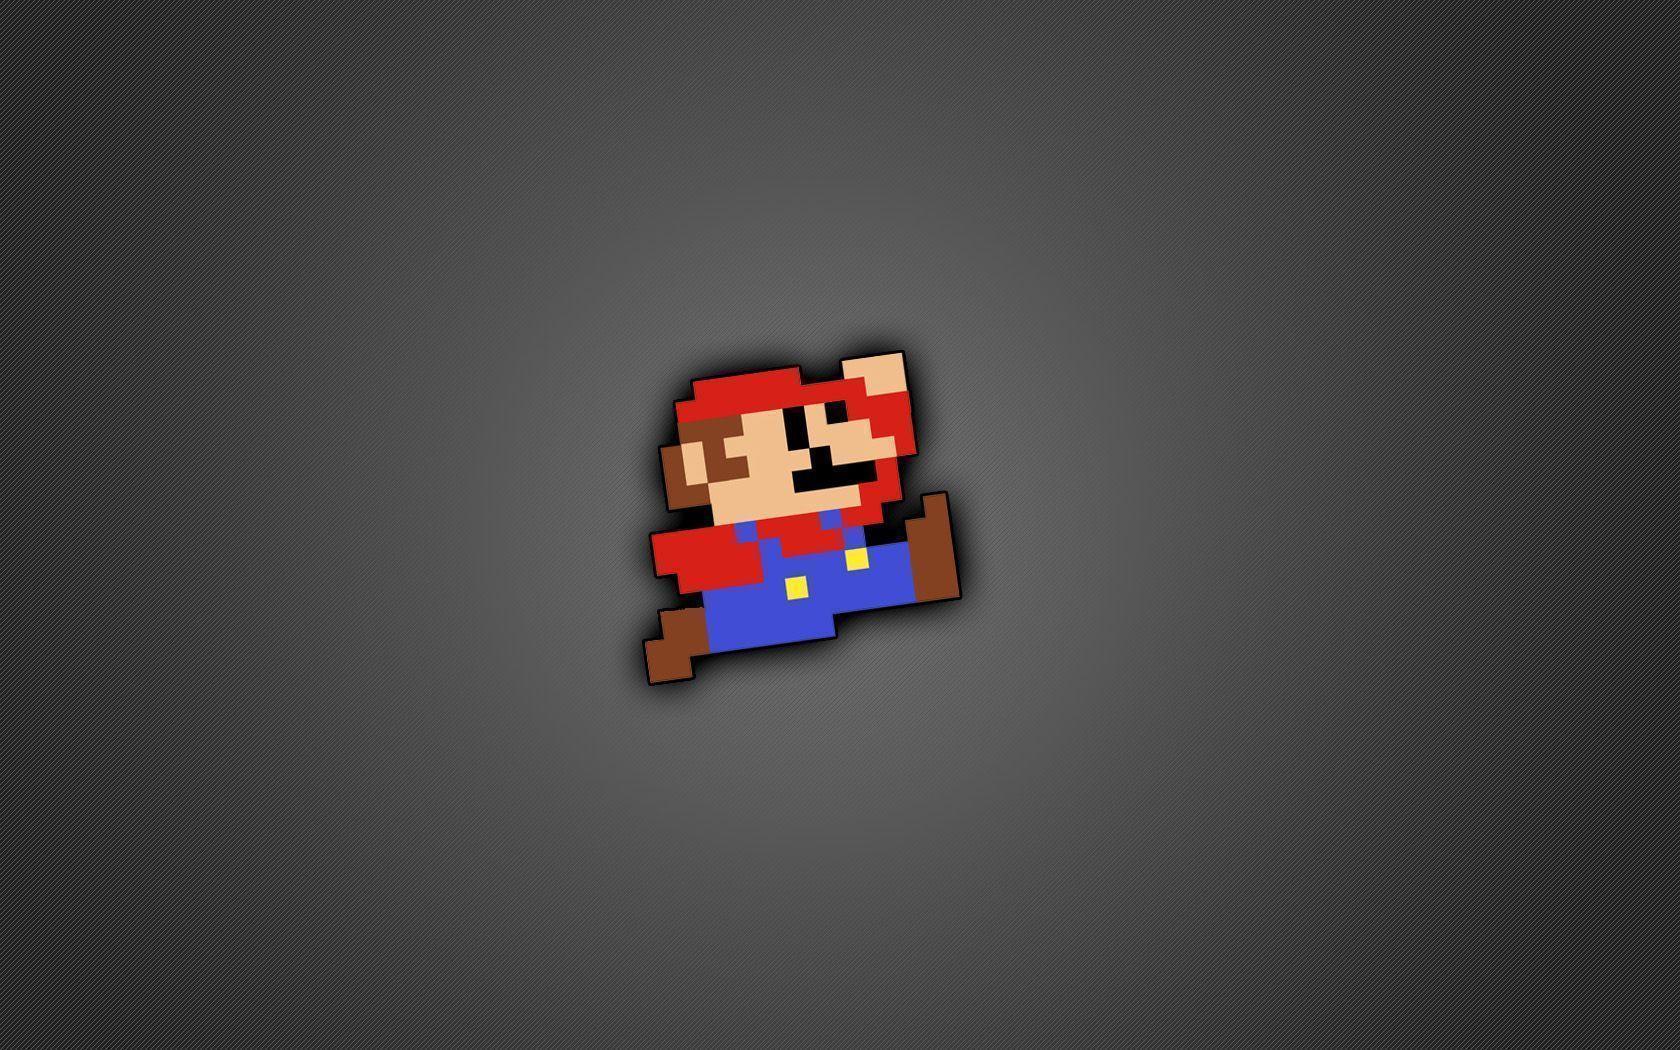 Super Mario Bros HD Wallpapers